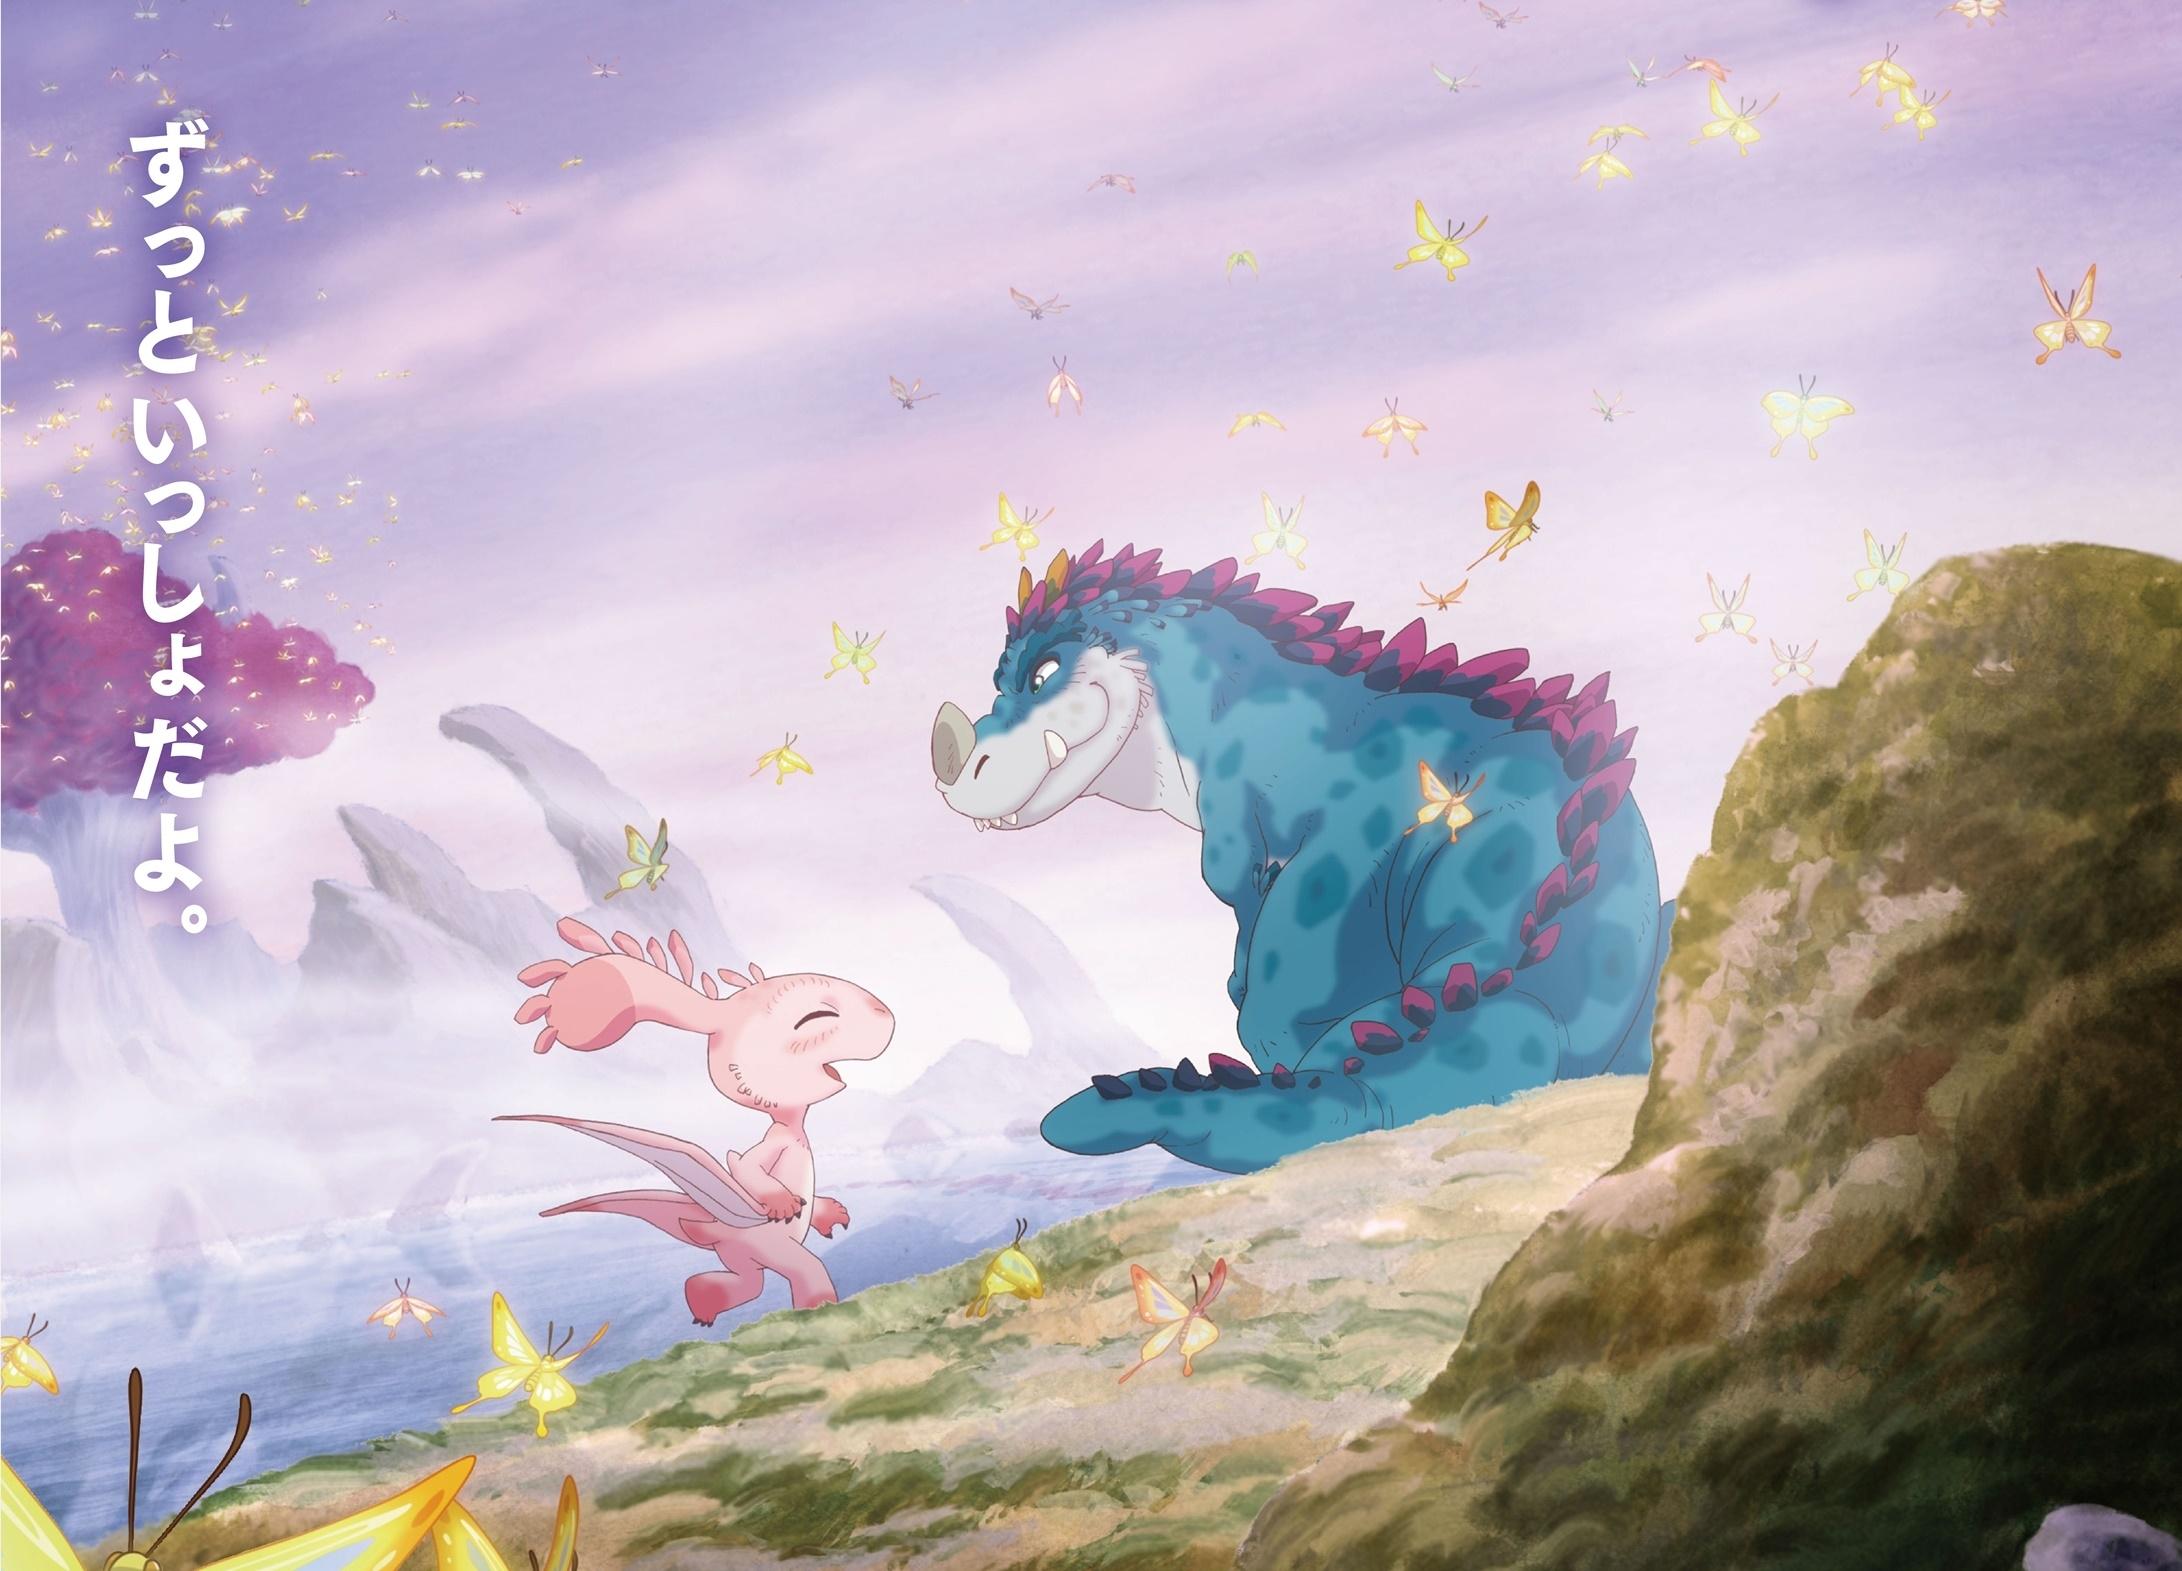 アニメ映画『さよなら、ティラノ』公開延期が決定